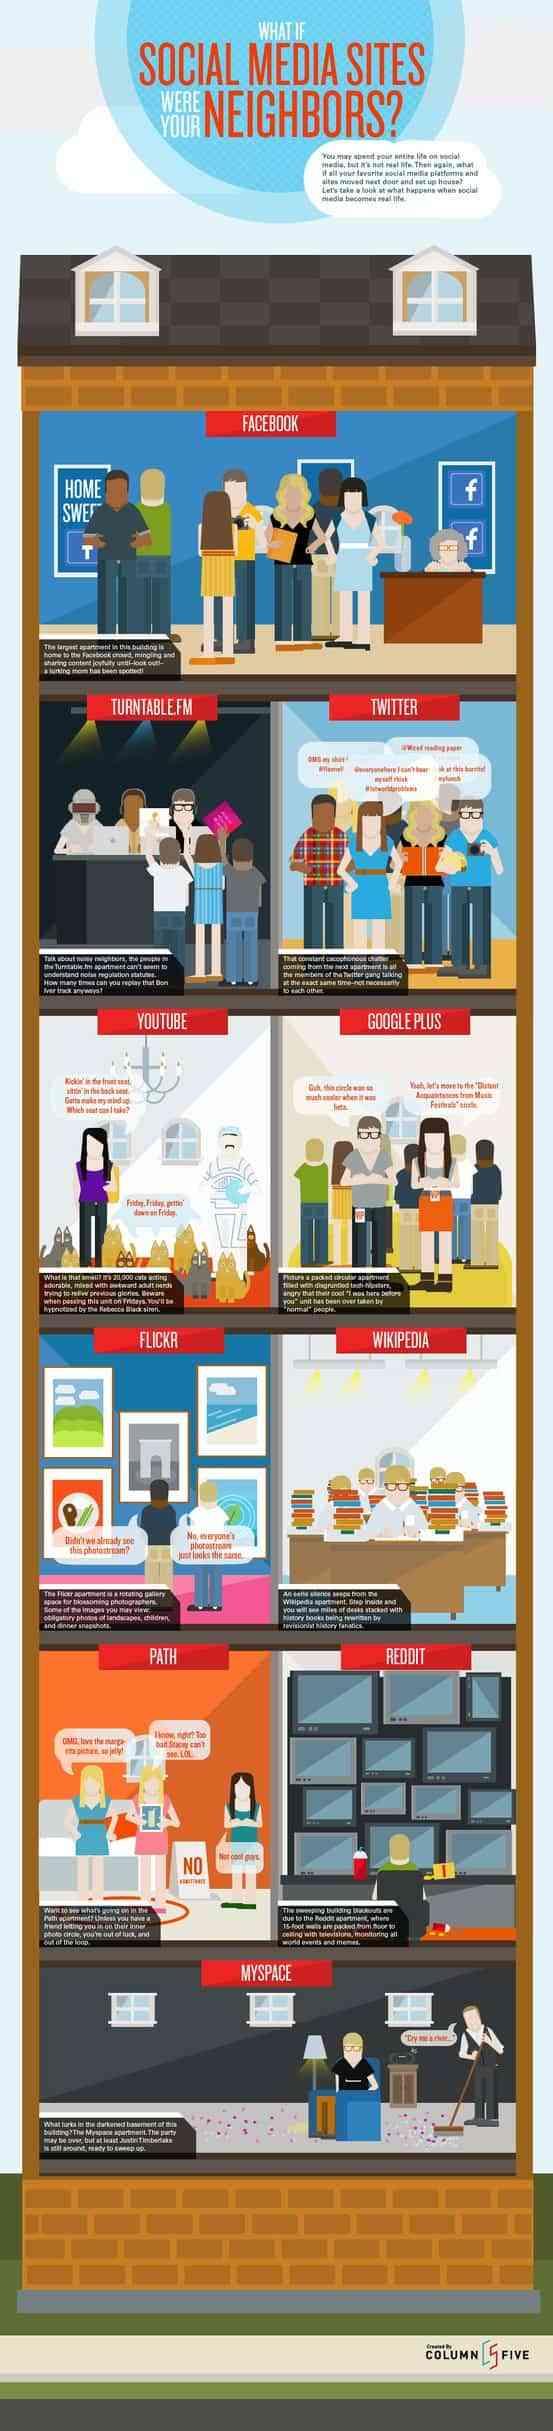 tus vecinos y las redes sociales